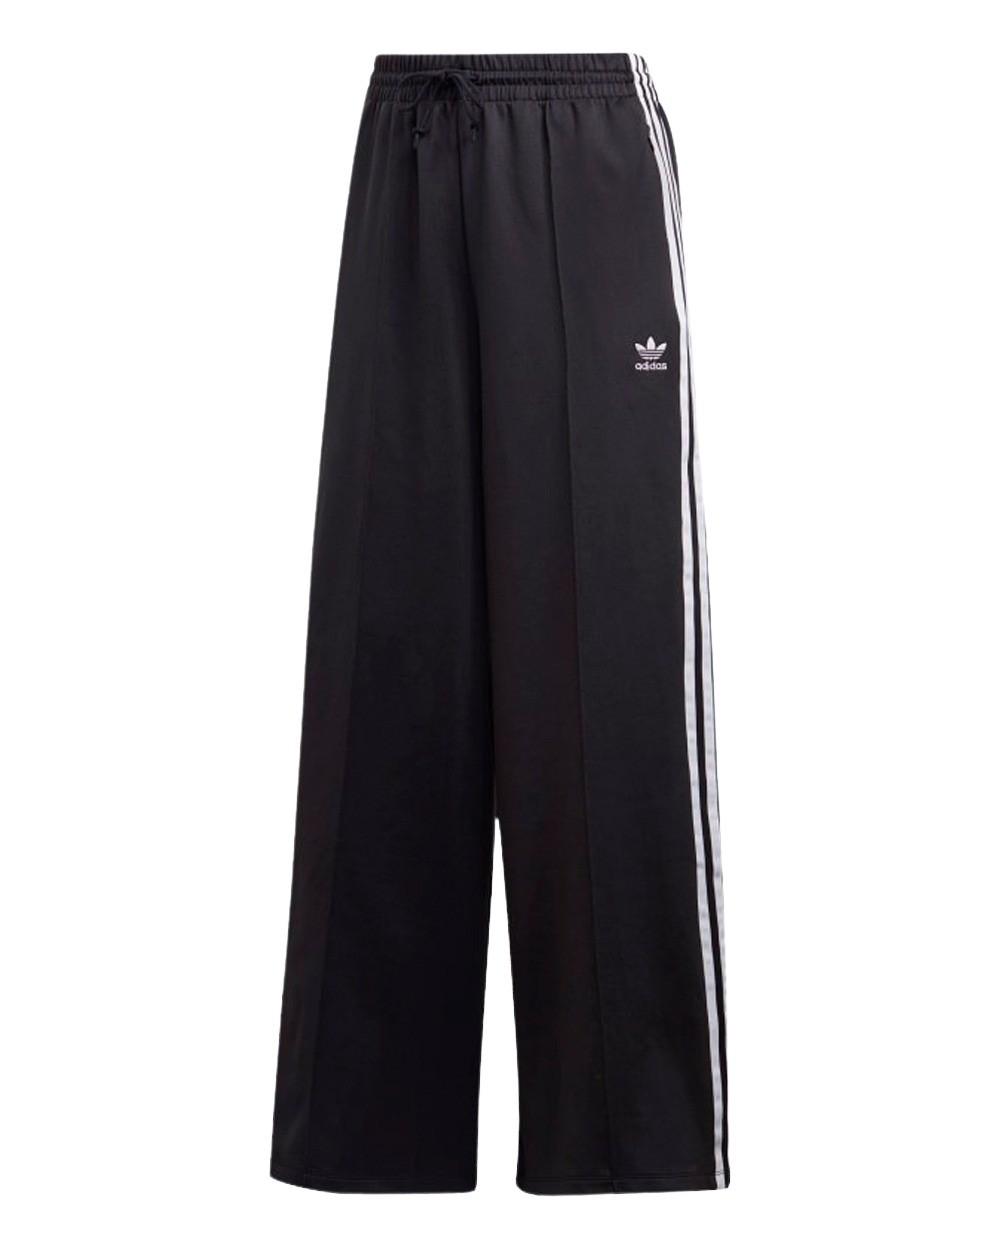 Marchio Adidas Genere Donna Tipologia Pantaloni Stagione Primavera/Estate  …